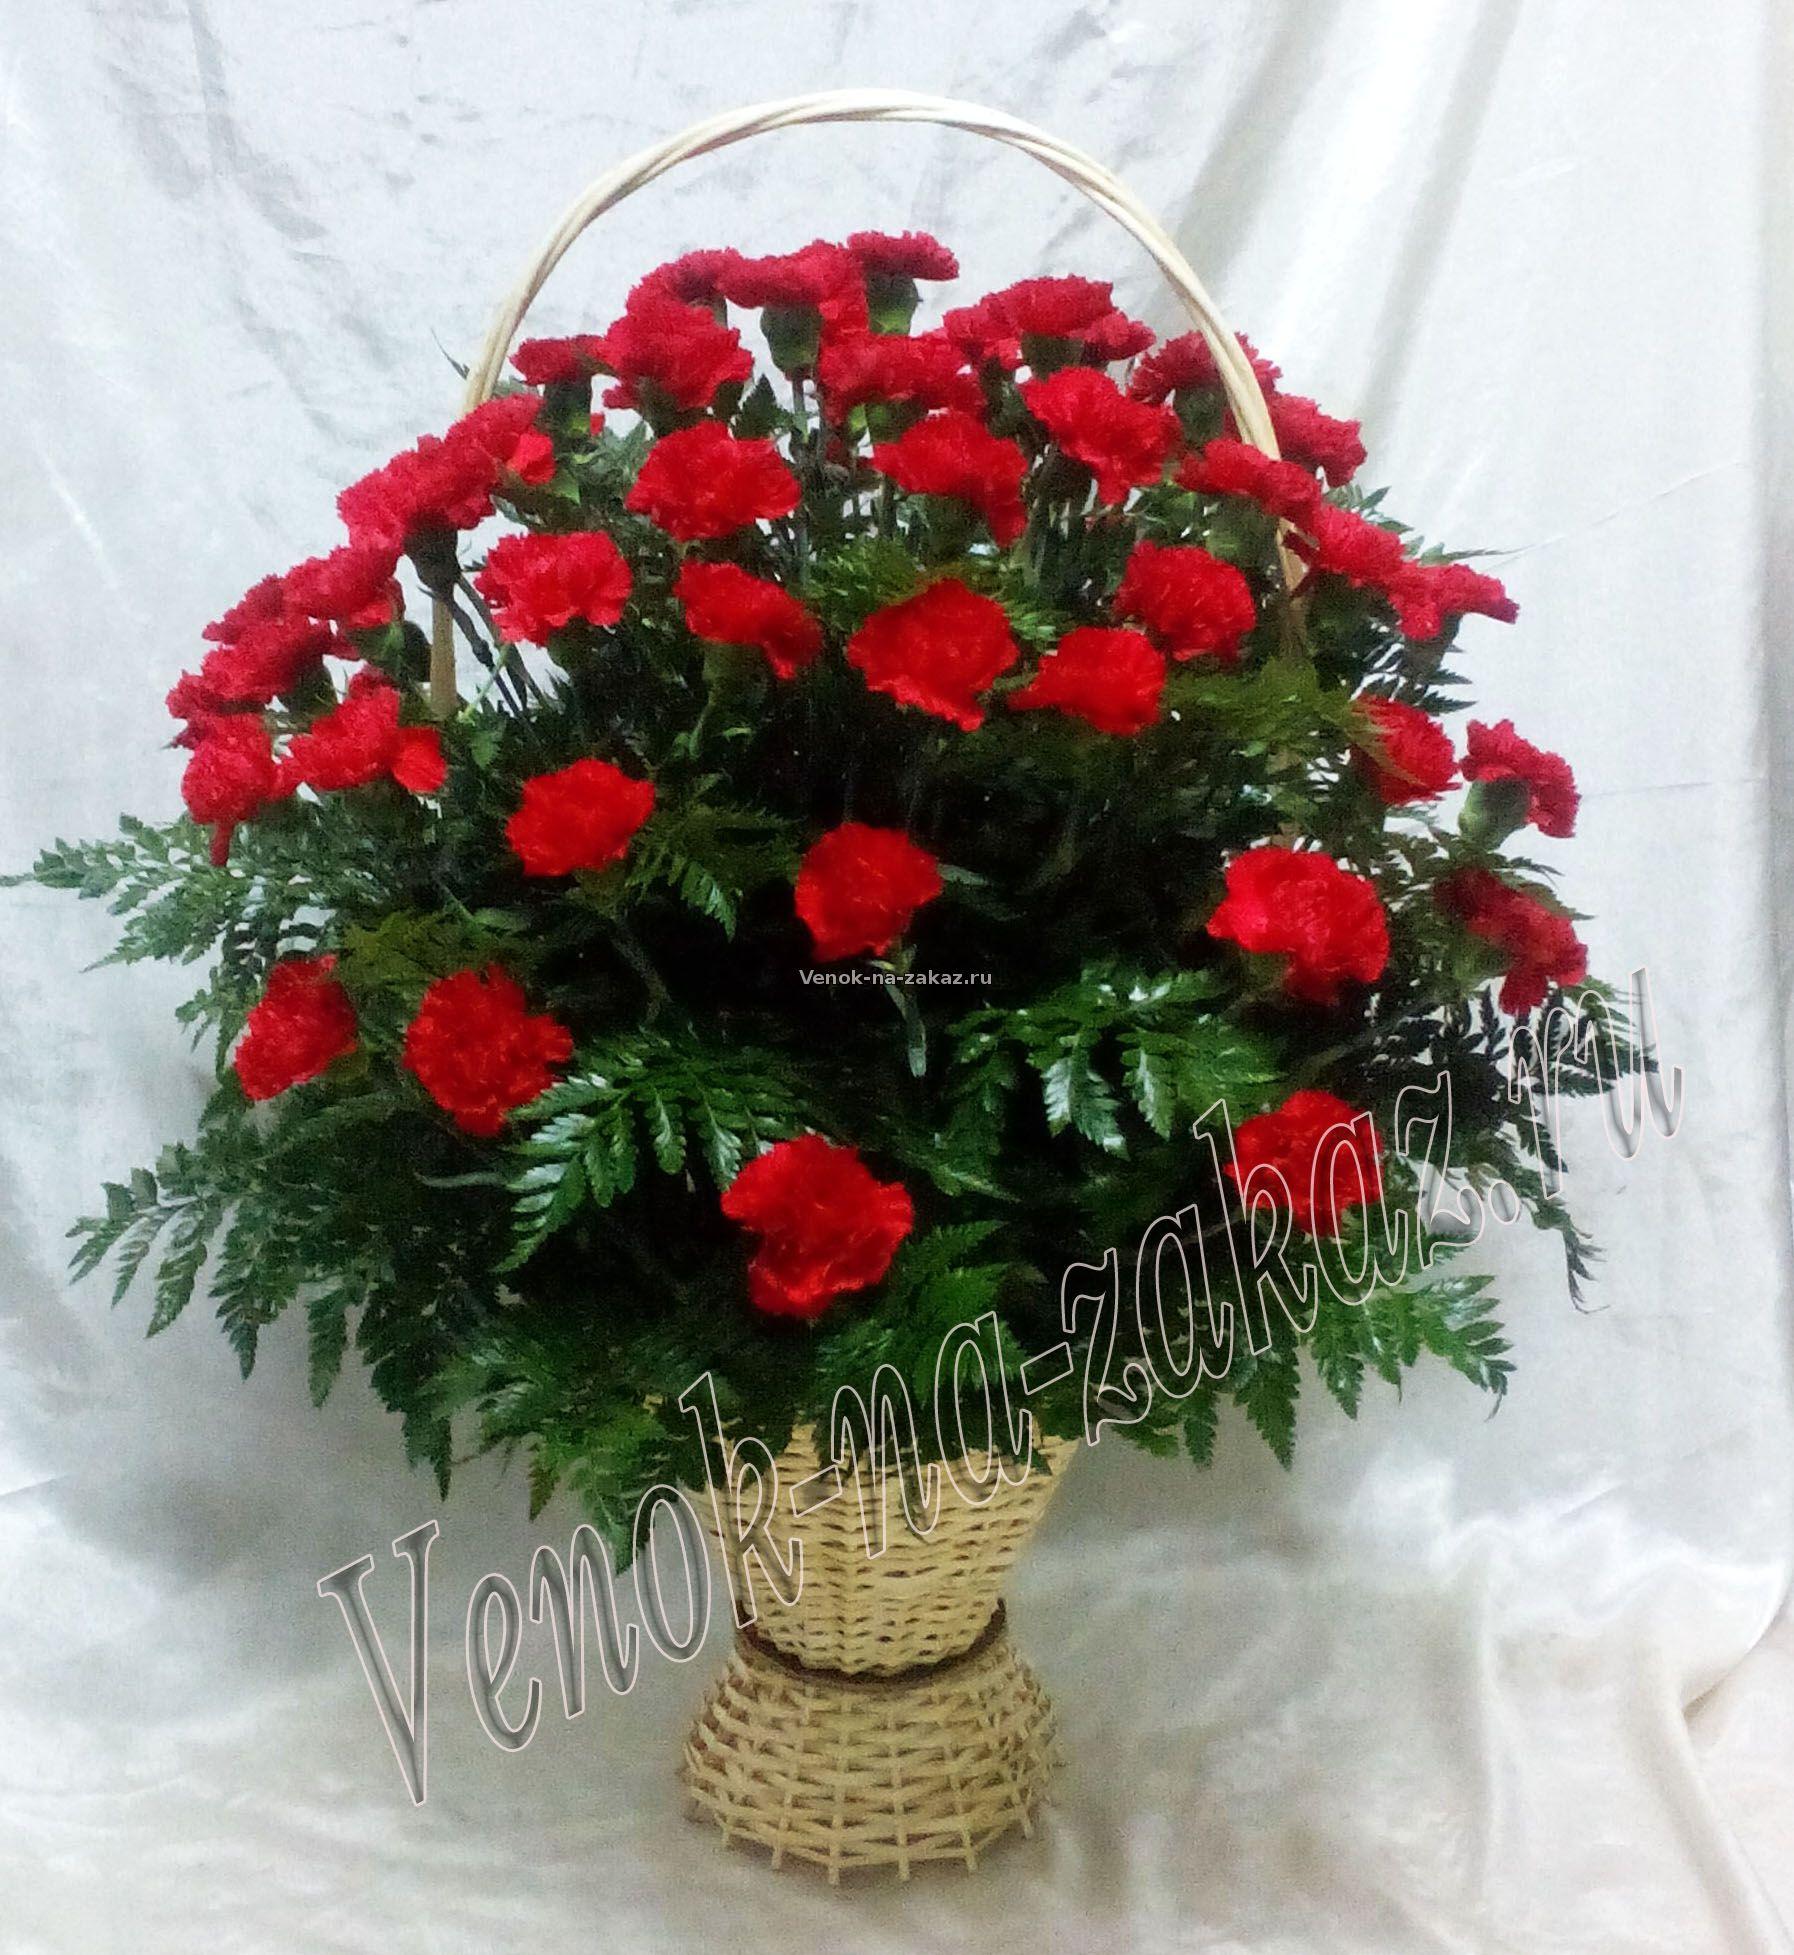 Заказ цветов заранее